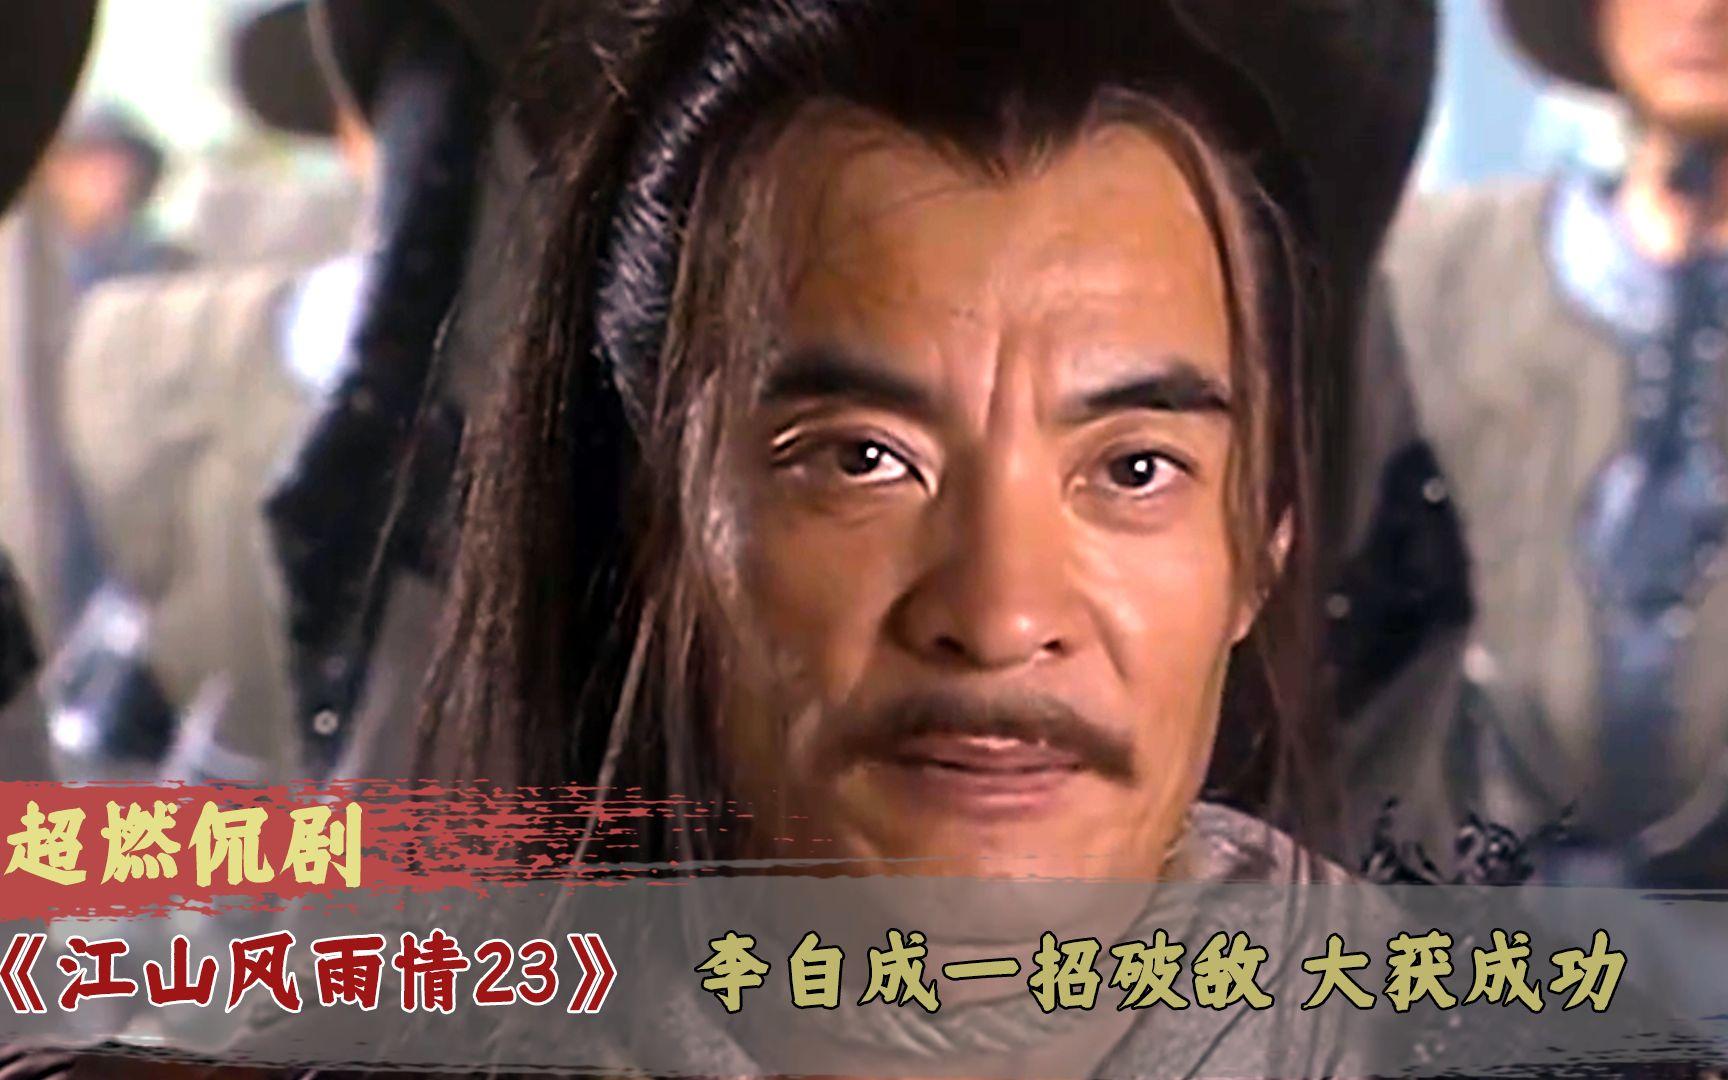 李自成一招破敌,农民起义军成功突围,逼得领军陈奇瑜自裁